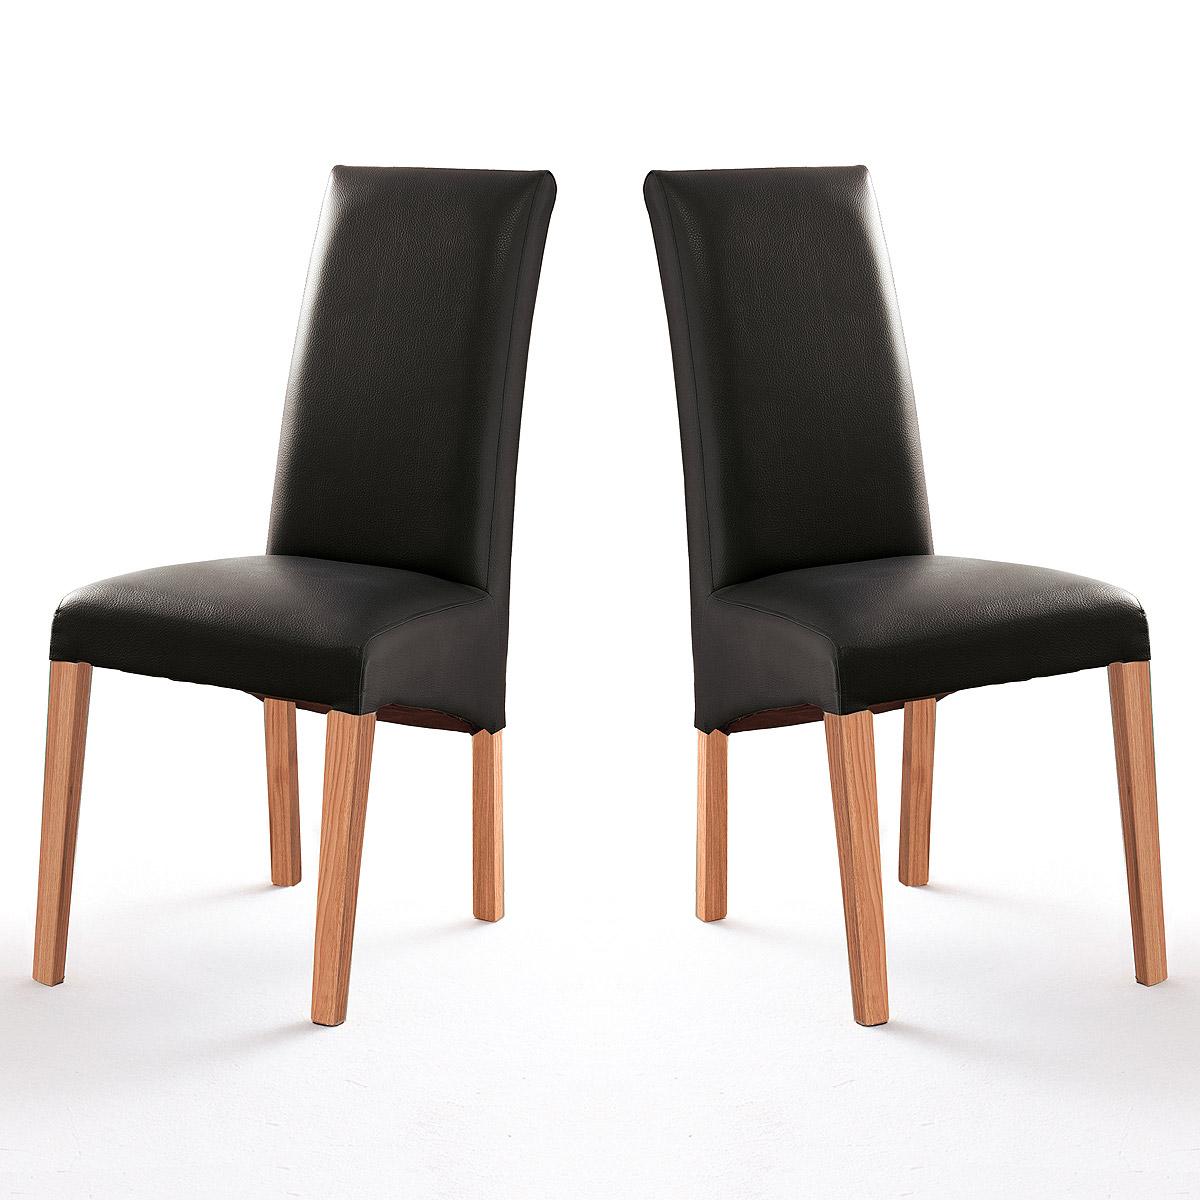 Esszimmer esszimmerstühle grau stoff : Stuhl Foxi 2er Set Polsterstuhl Esszimmer Küchenstuhl Holzgestell ...